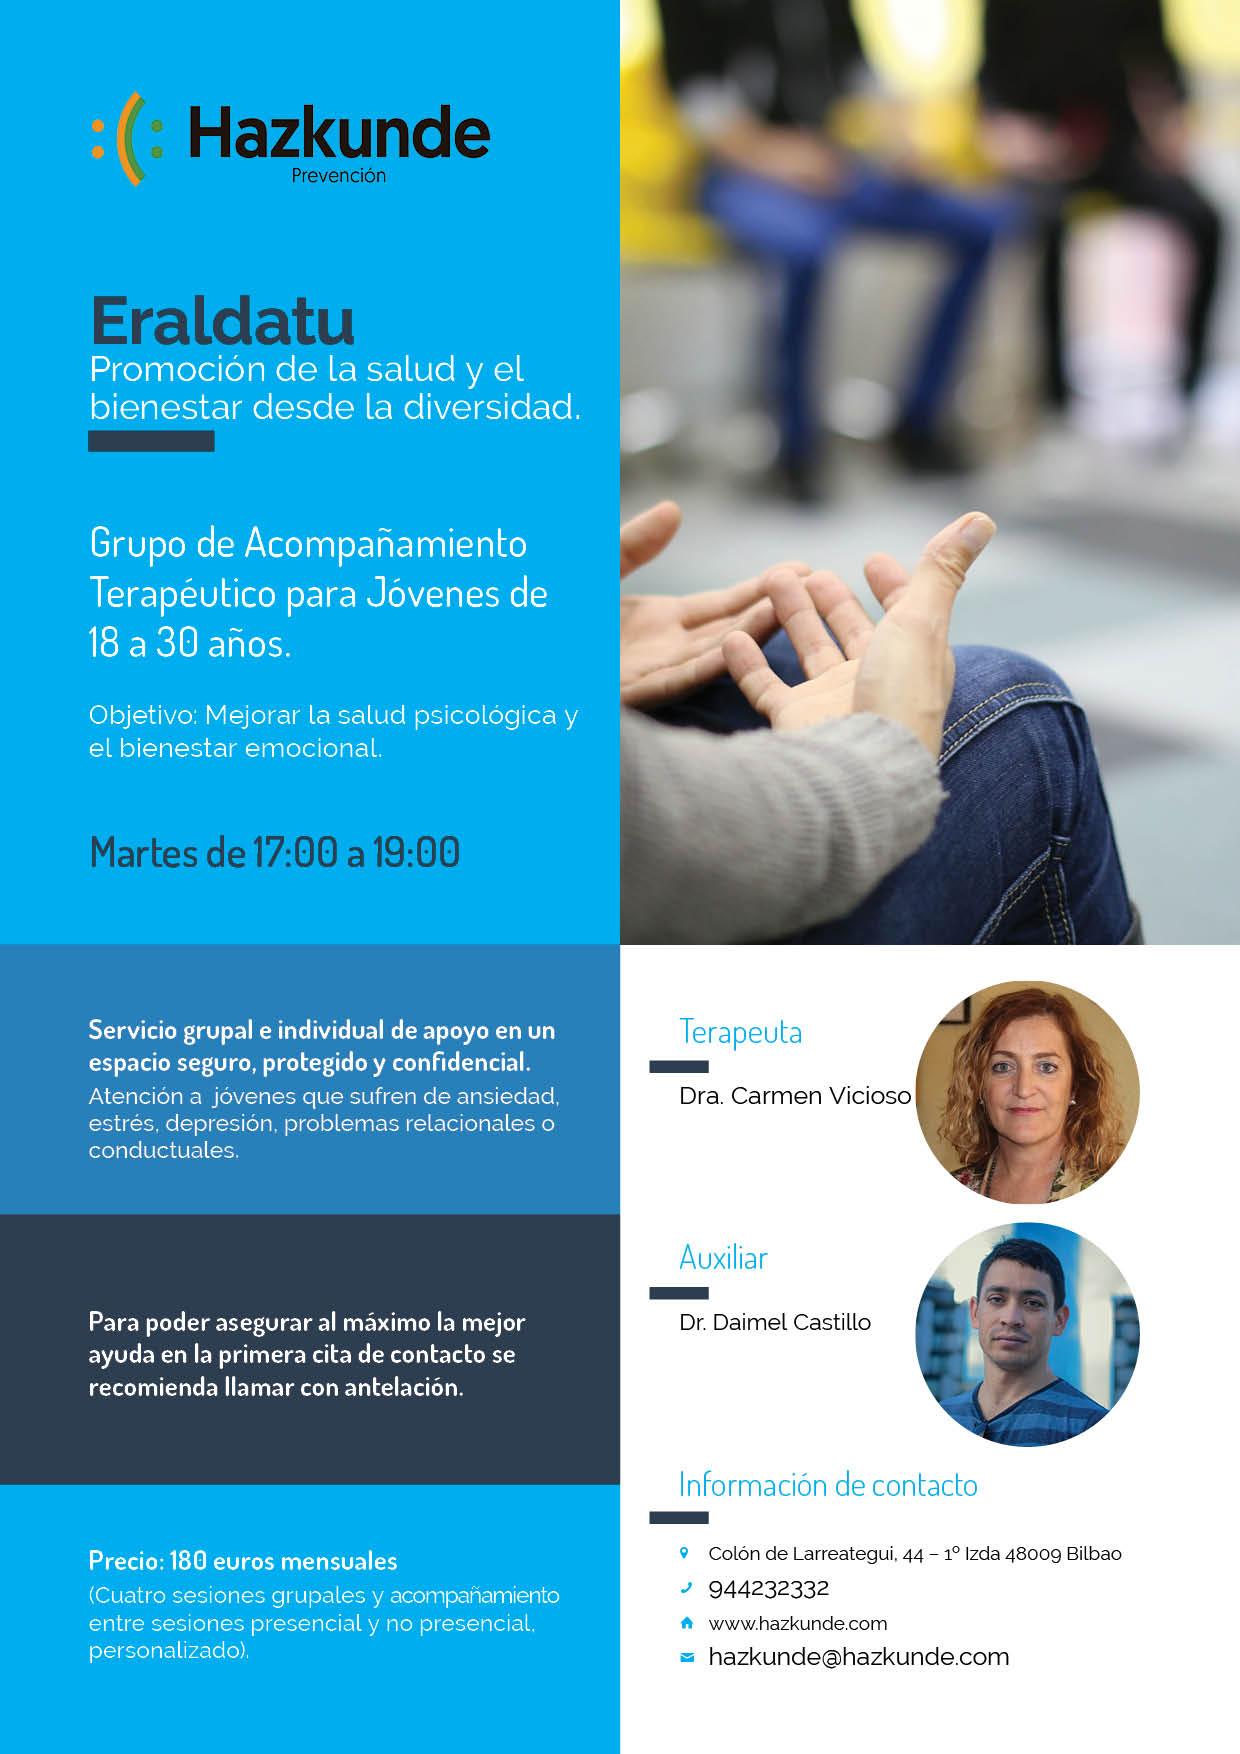 ERALDATU: Promoción de la salud y el bienestar desde la diversidad